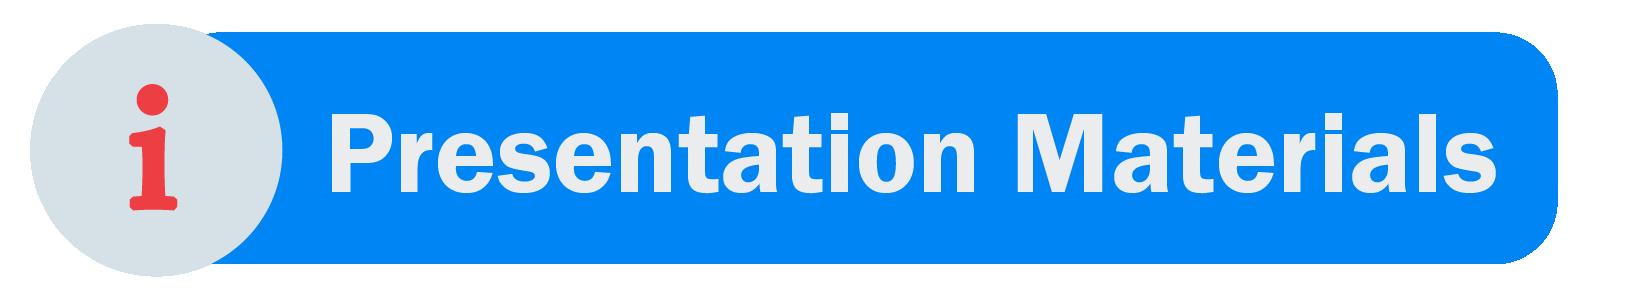 Meeting Materials - Presentation Materials